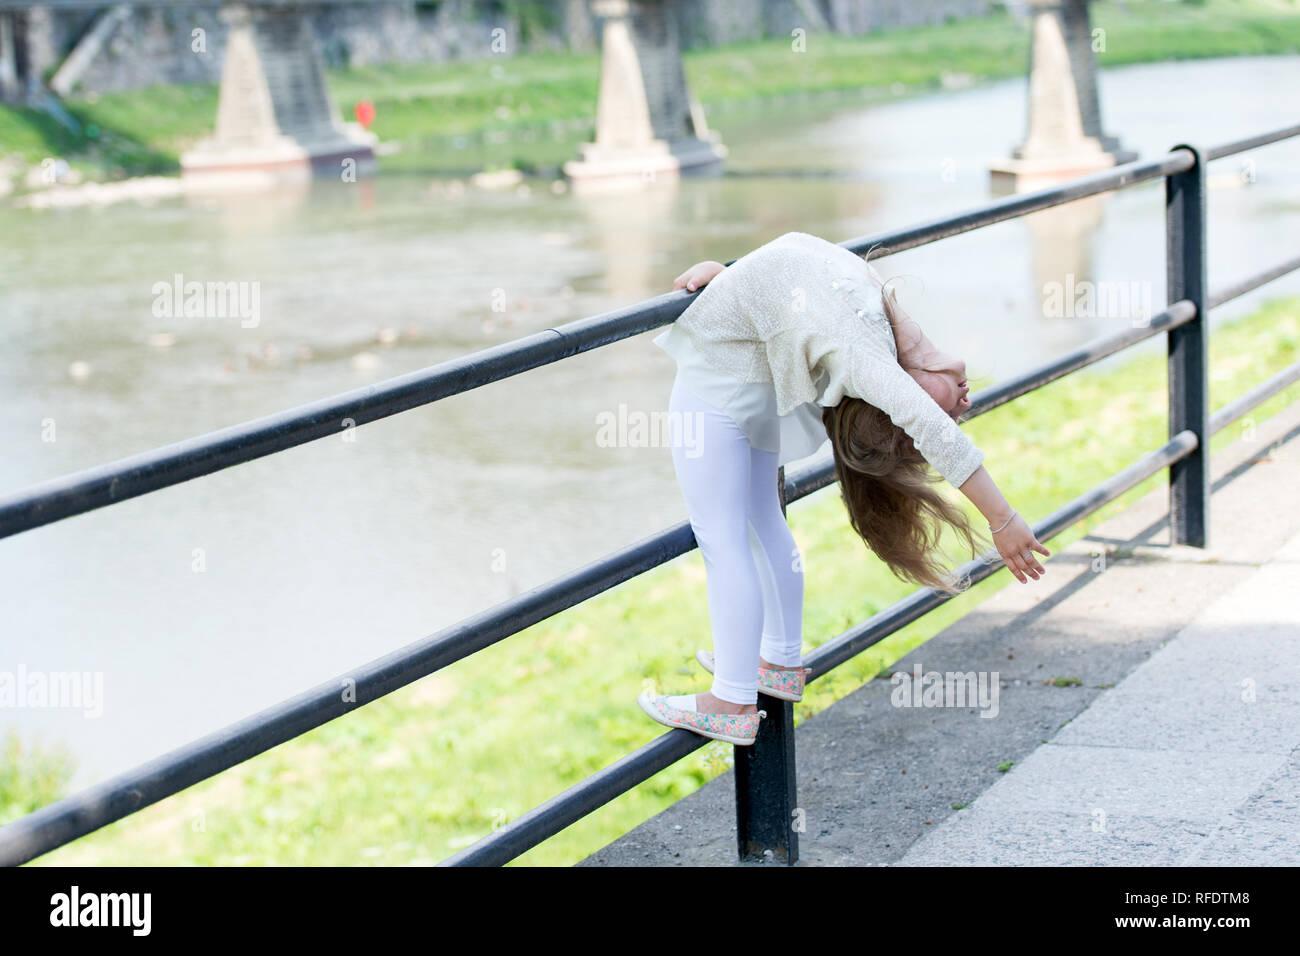 Chico Chica se flexiona hacia atrás como gimnasta flexible cerca de baranda en el Riverside de fondo. Chico Chica gimnasta demuestra la flexibilidad del cuerpo. Concepto de flexibilidad. Niño Niña deportivo flexible gimnasta. Imagen De Stock